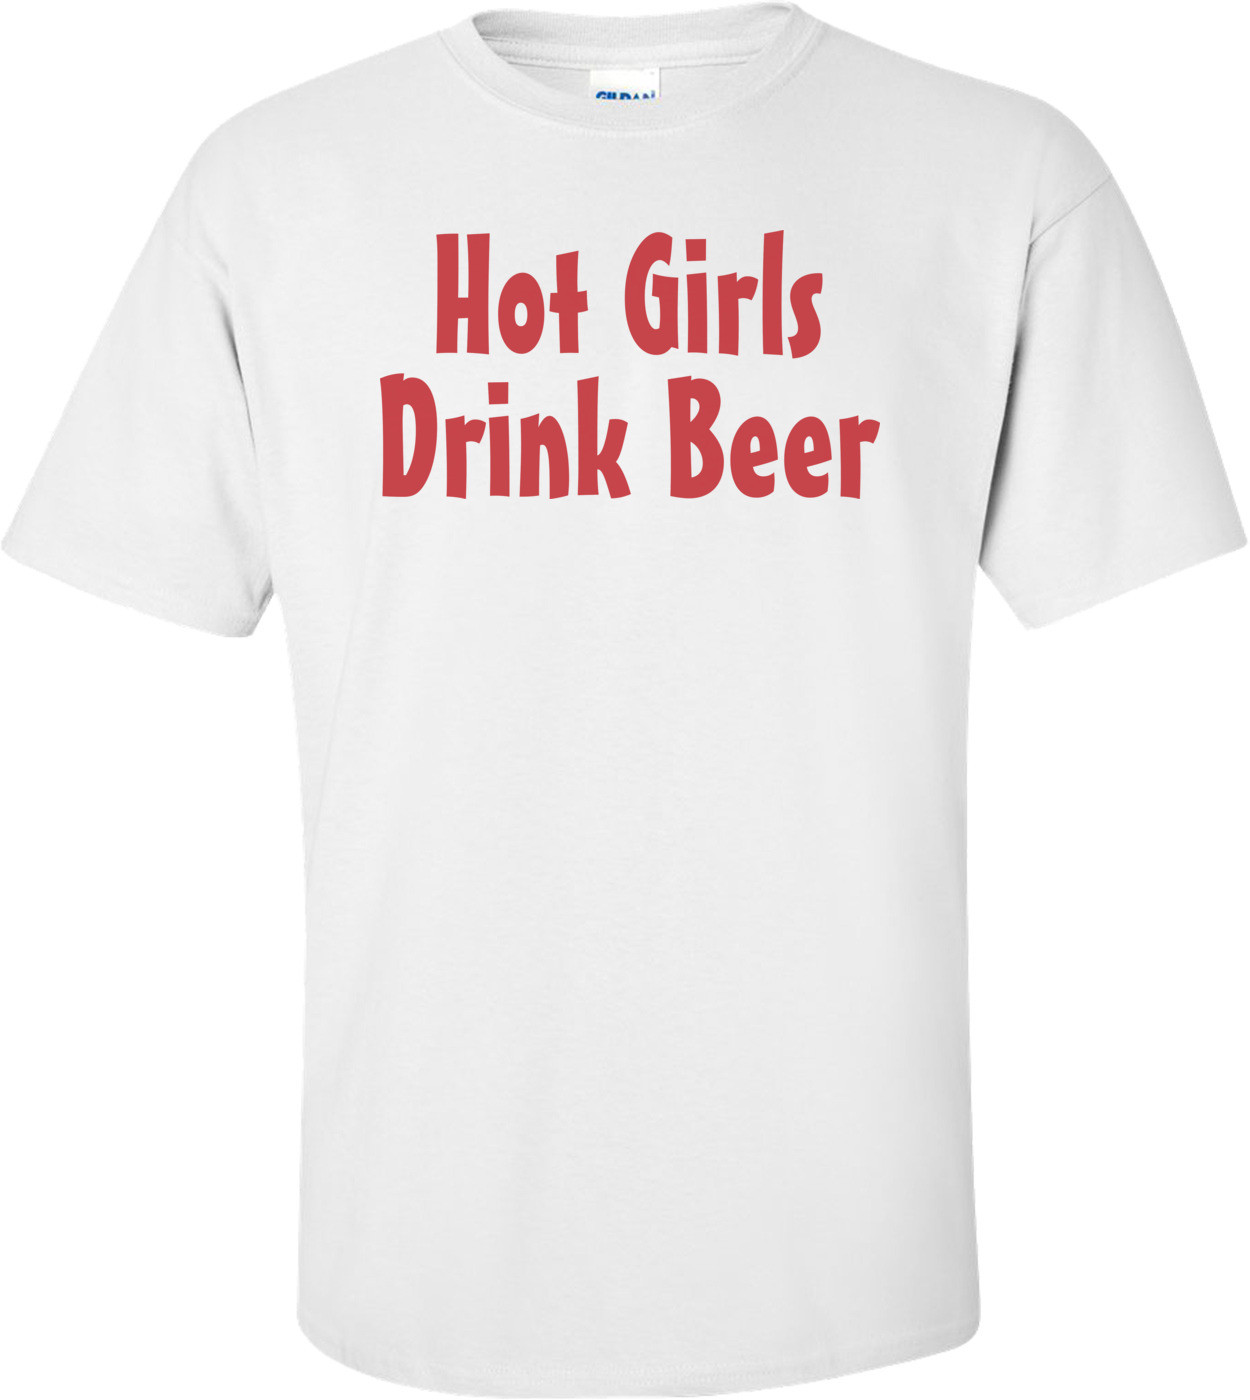 Hot Girls Drink Beer